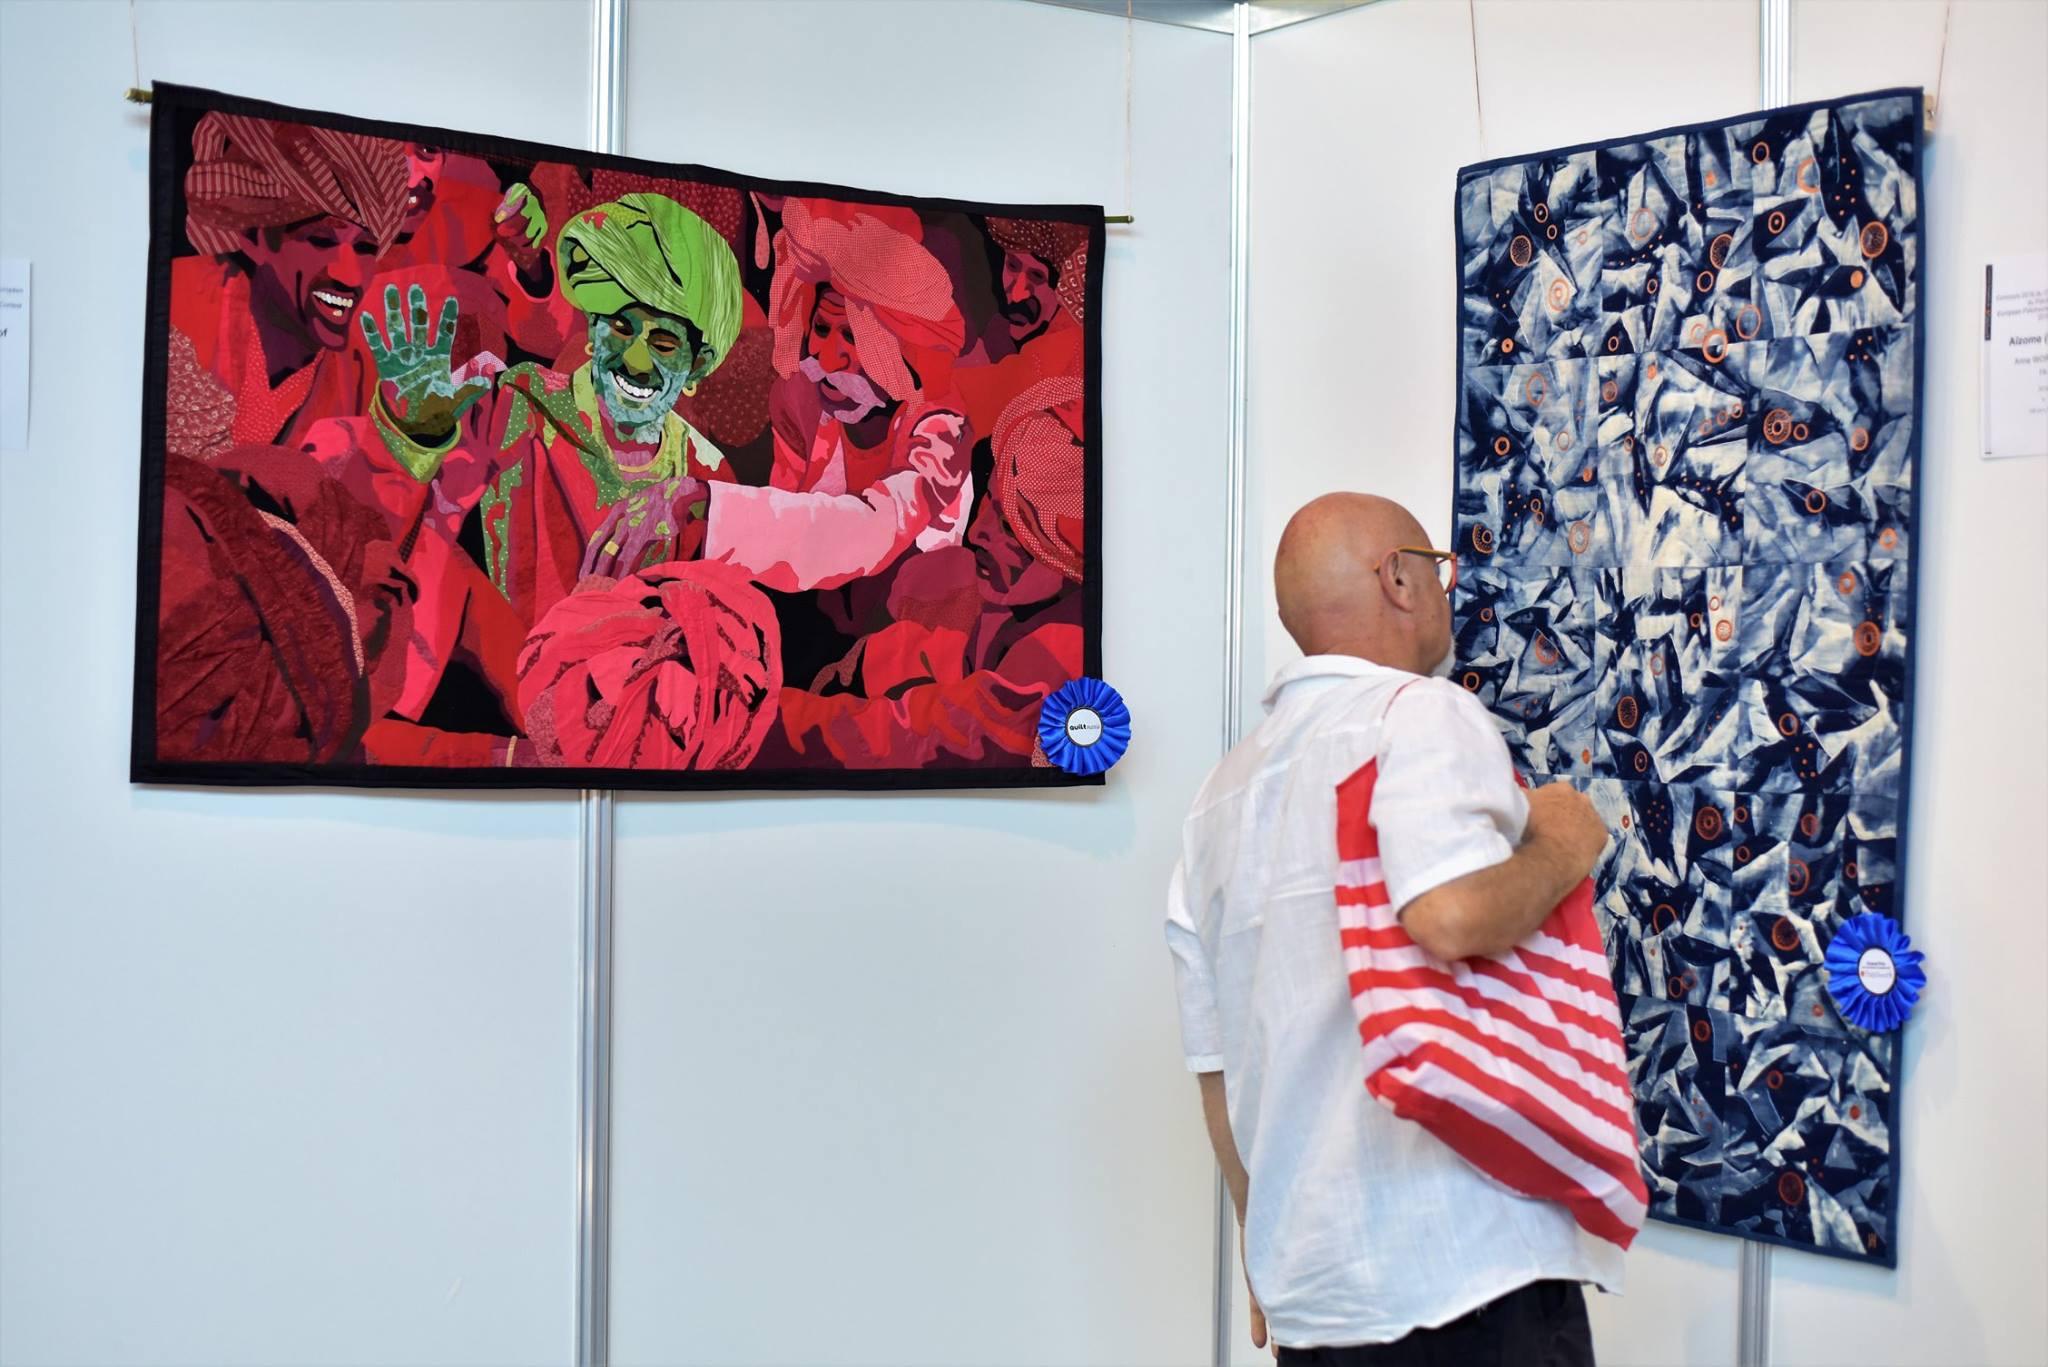 Exposition concours CEP, Fête du Fil 2017 Labastide Rouairoux